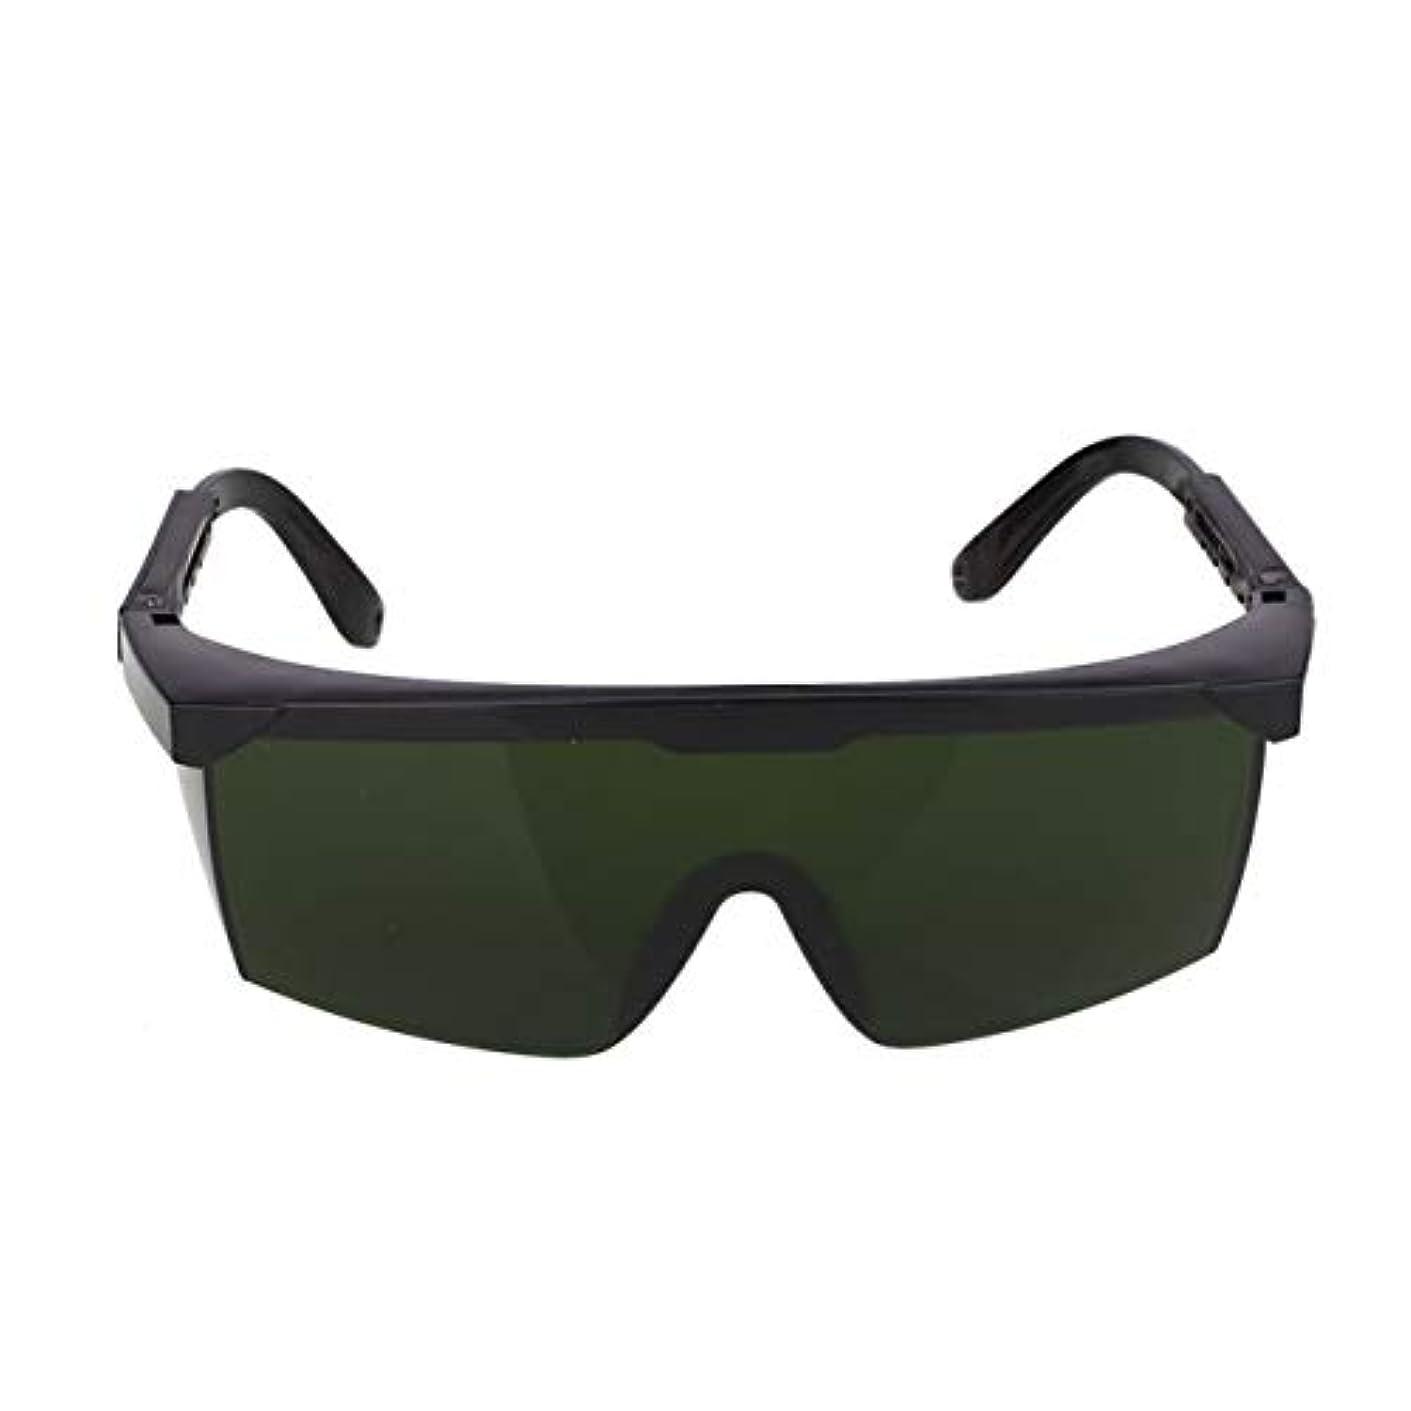 権限を与える曲がったピカリングDeeploveUU IPL/E-ライト脱毛用安全メガネ保護メガネユニバーサルゴーグルアイウェア